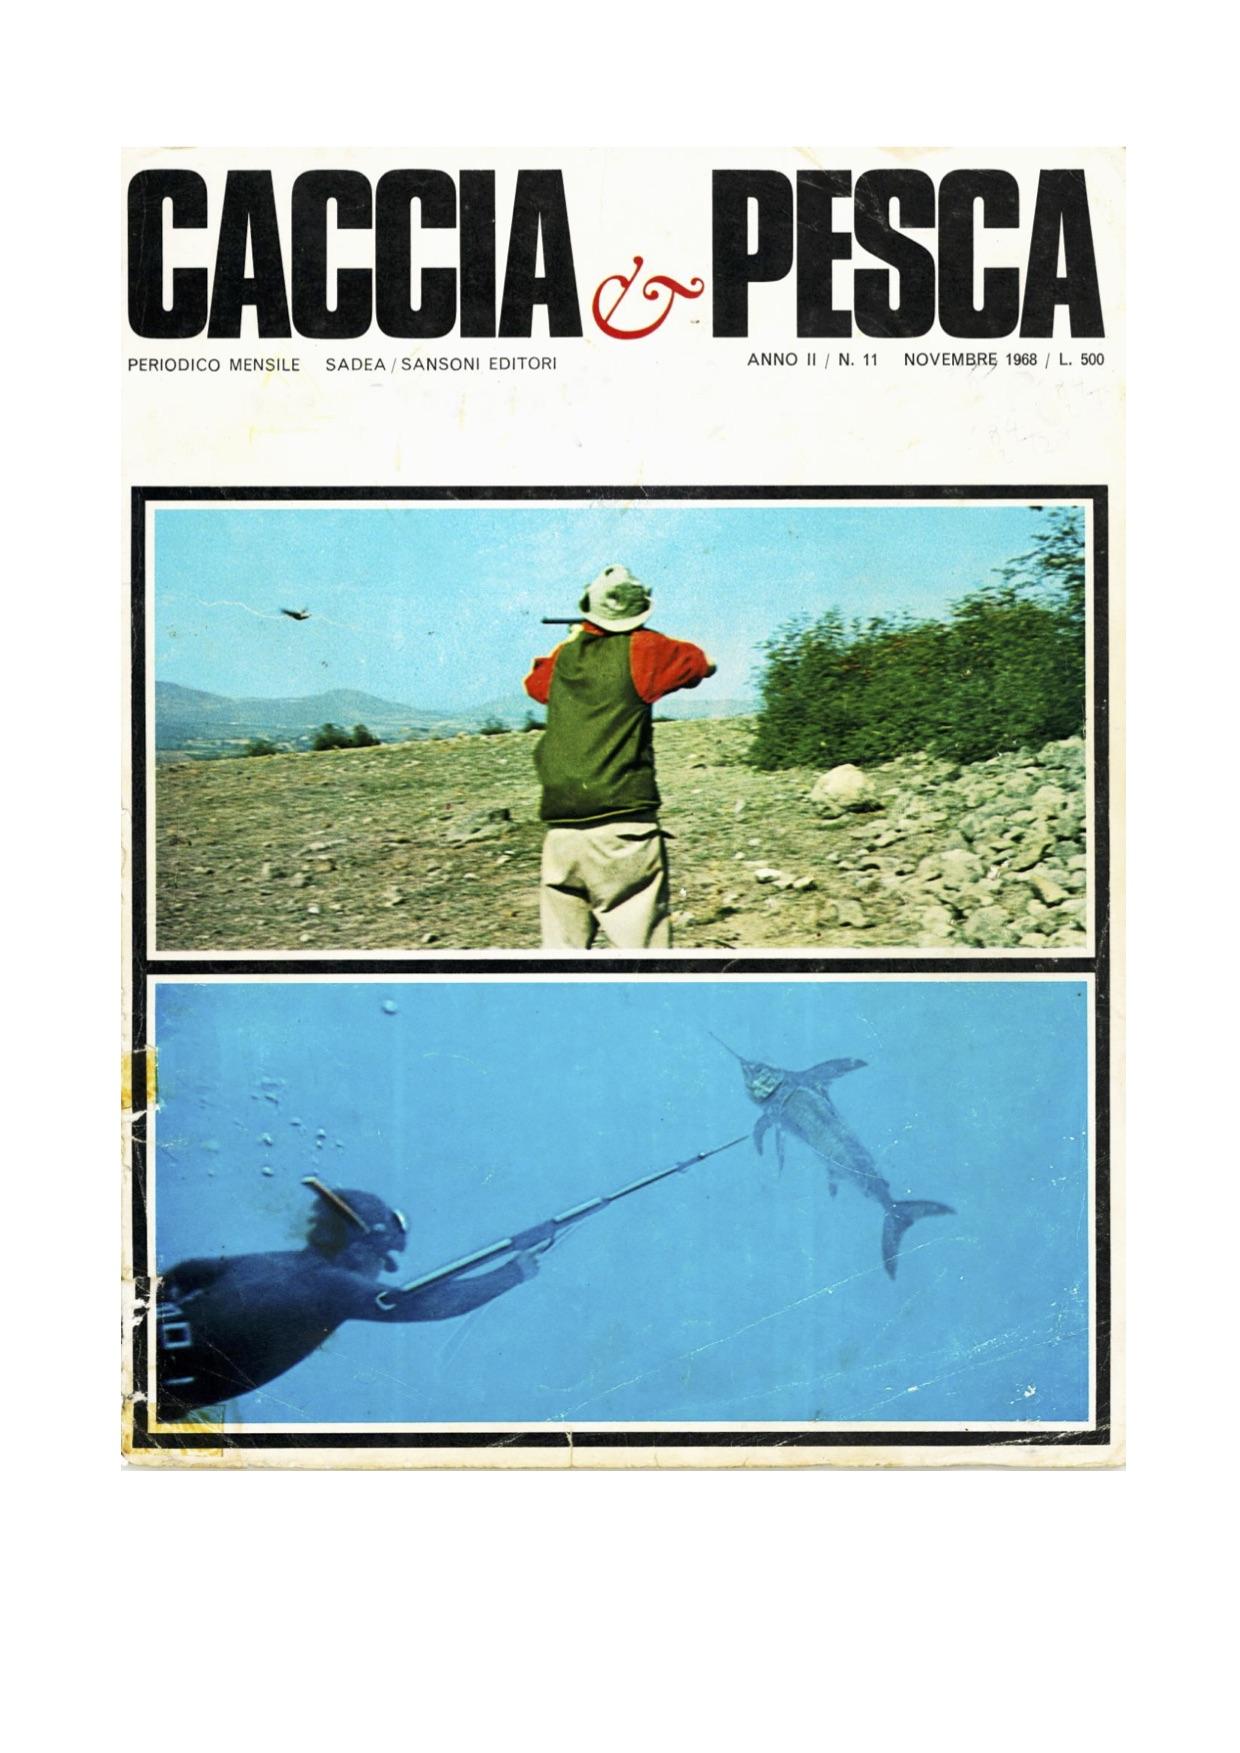 pesce spada rivista caccia e pesca isola del giglio giglionews